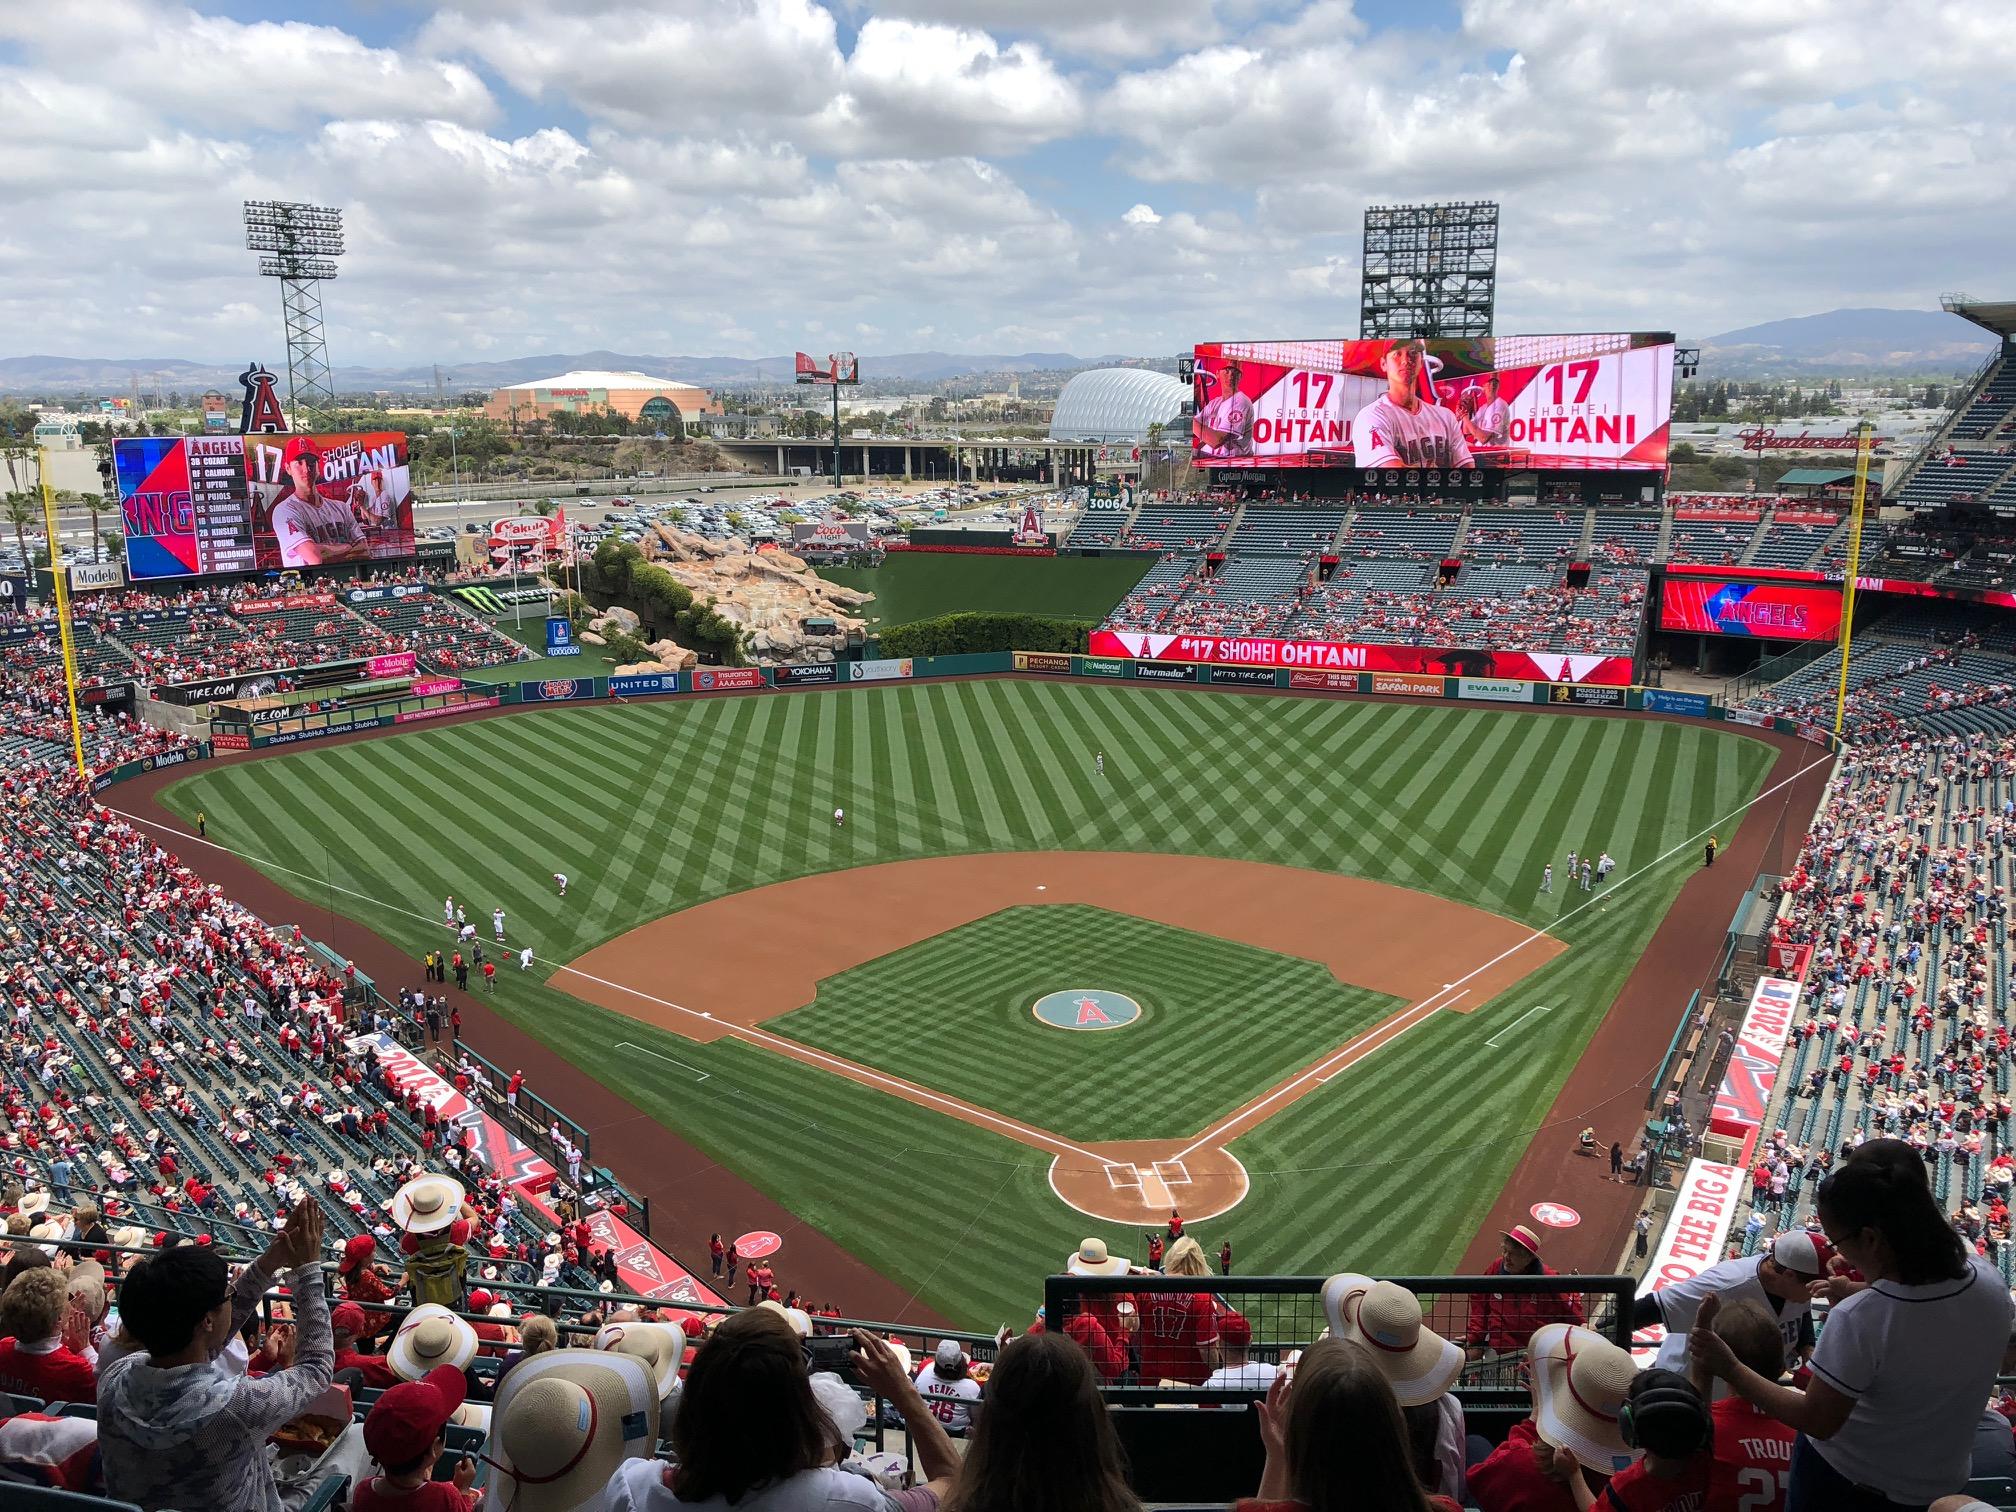 広々とした球場は雰囲気最高です。